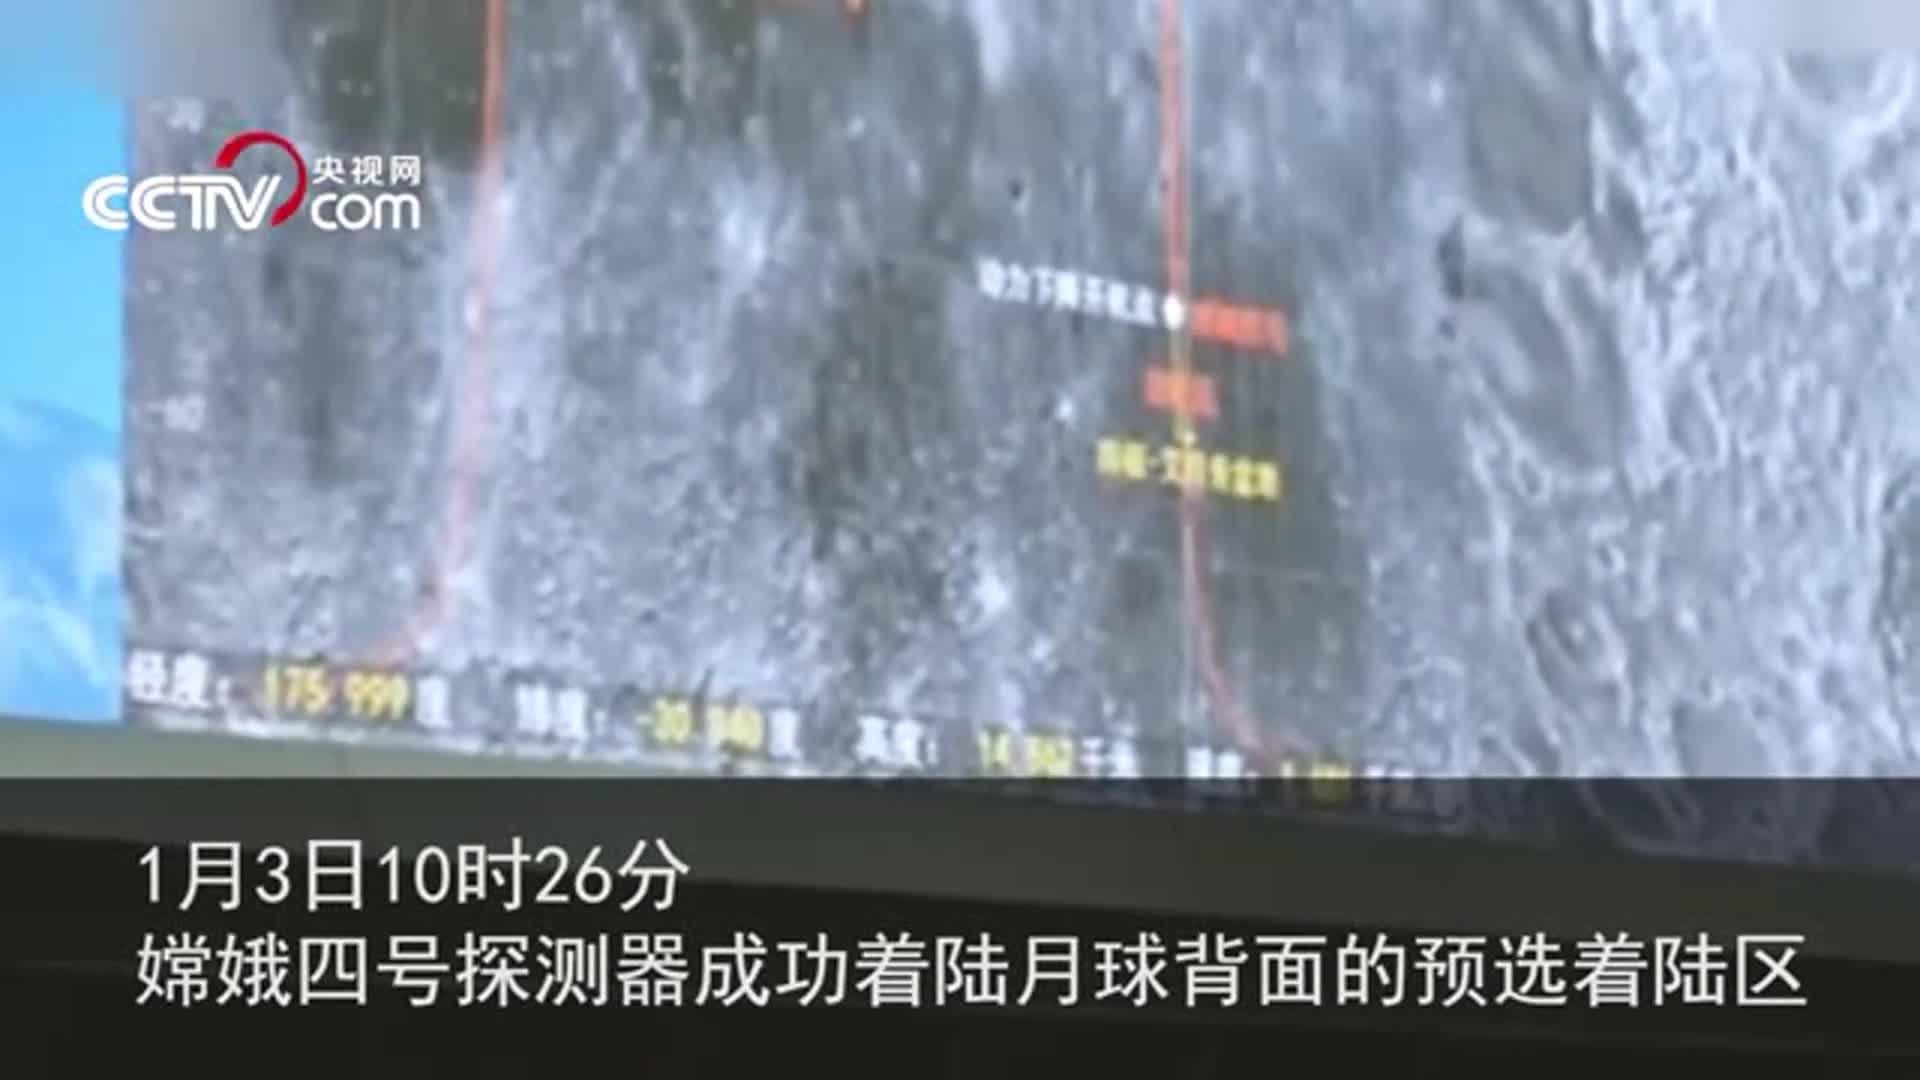 [视频]嫦娥四号成功着陆月球背面 传回世界首张近距拍摄月背图